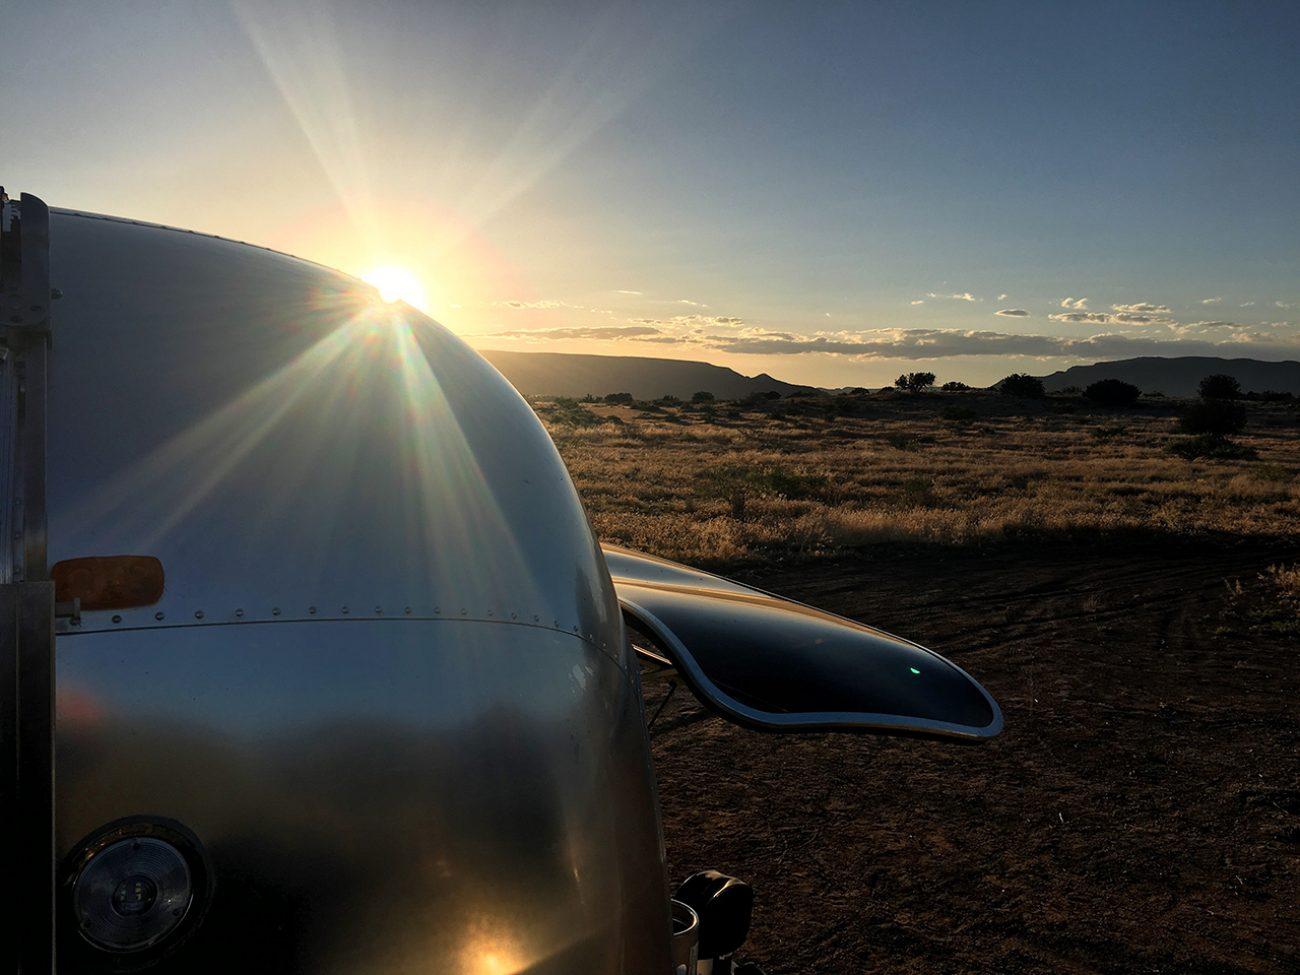 Airstream In Sedona Sunset